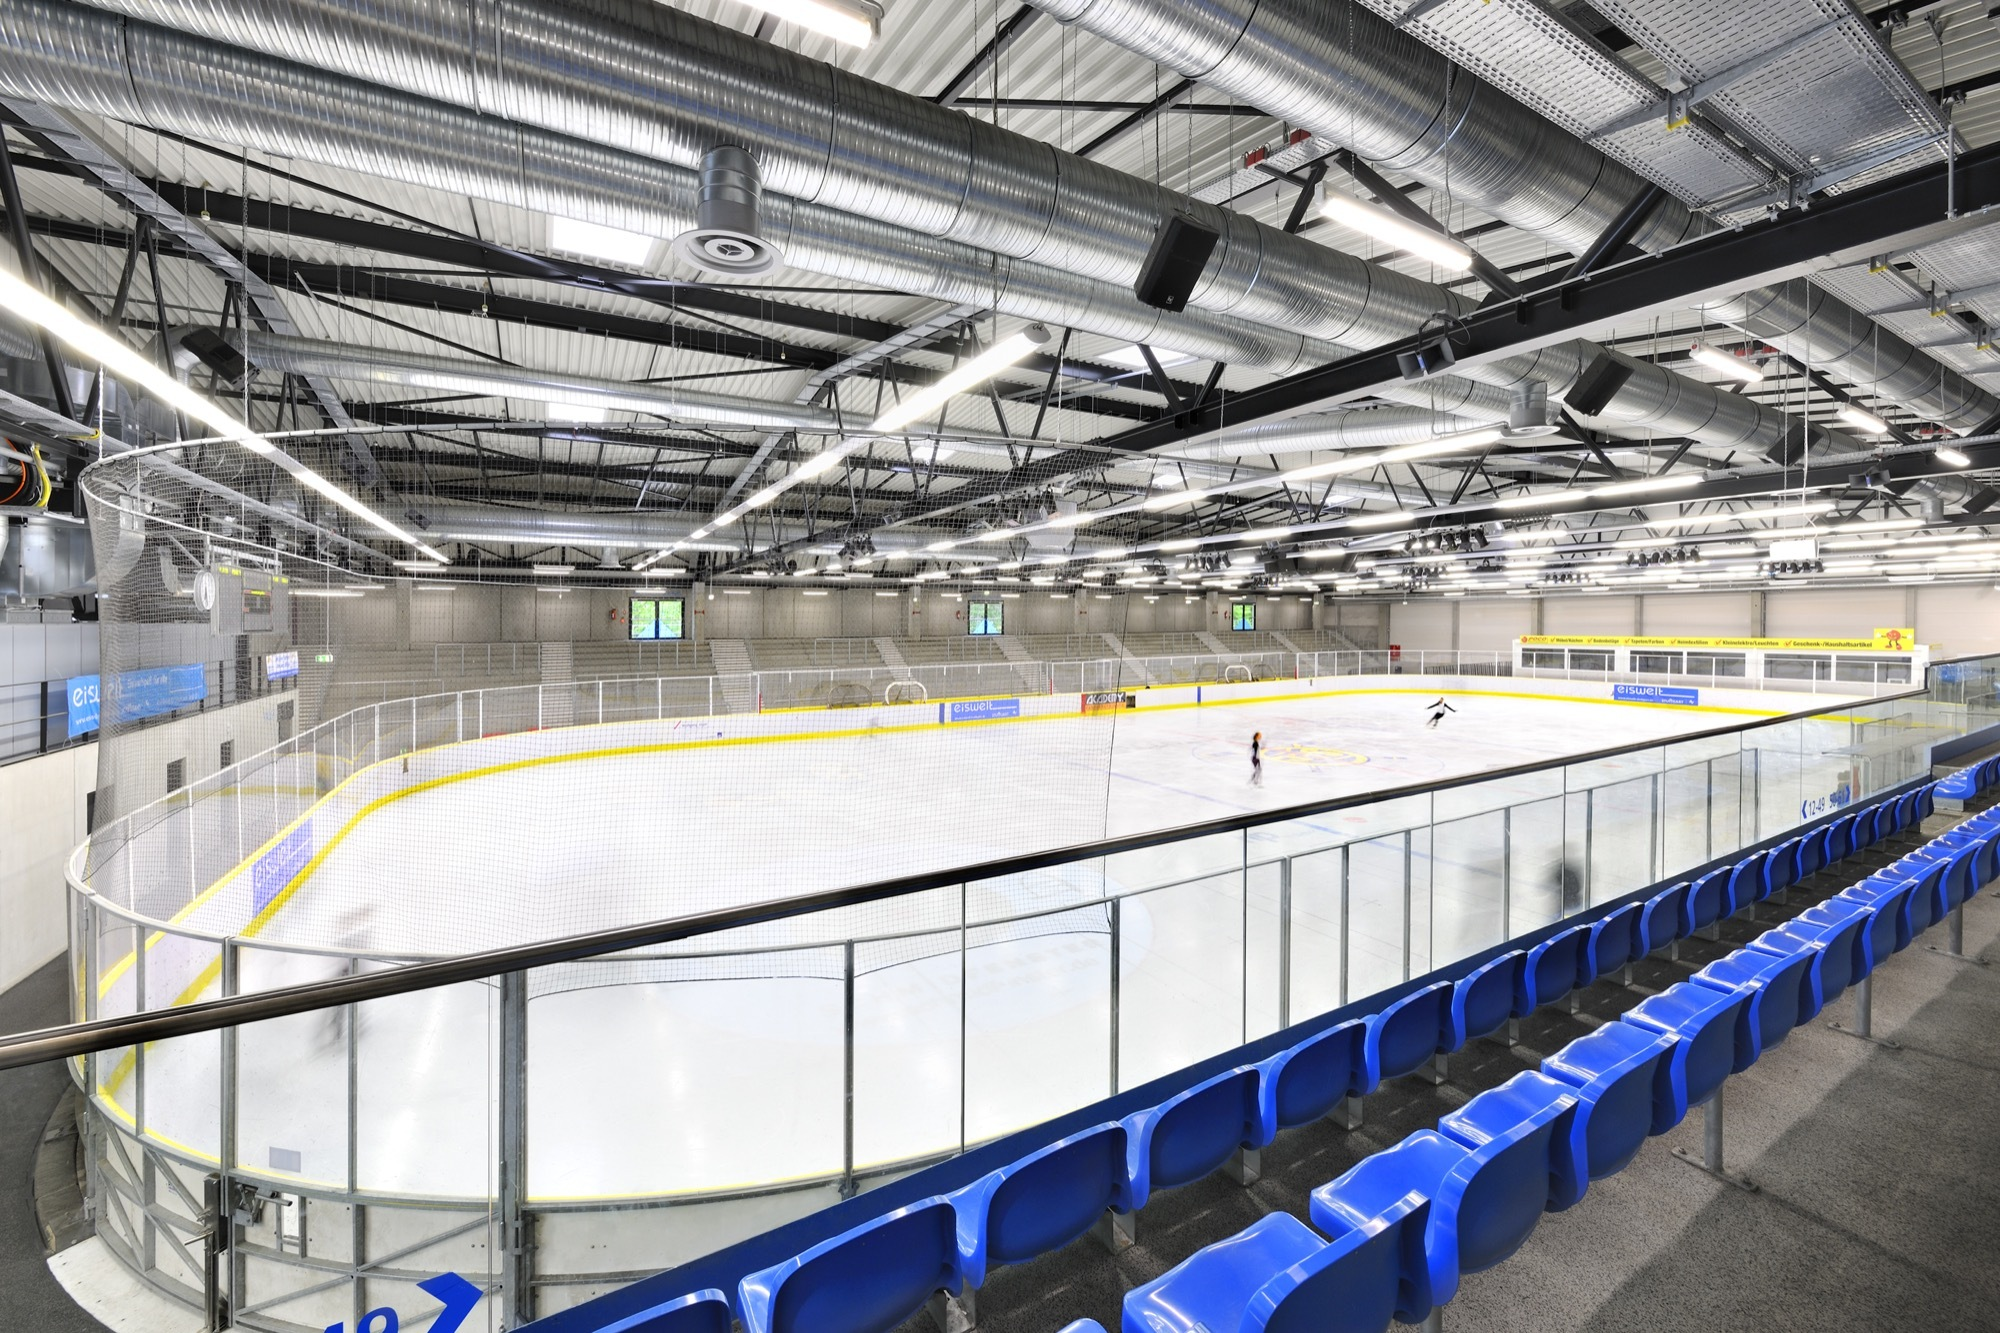 New Ice Skating Hall Herrmann Bosch Architekten C Ralf Dieter Bischoff